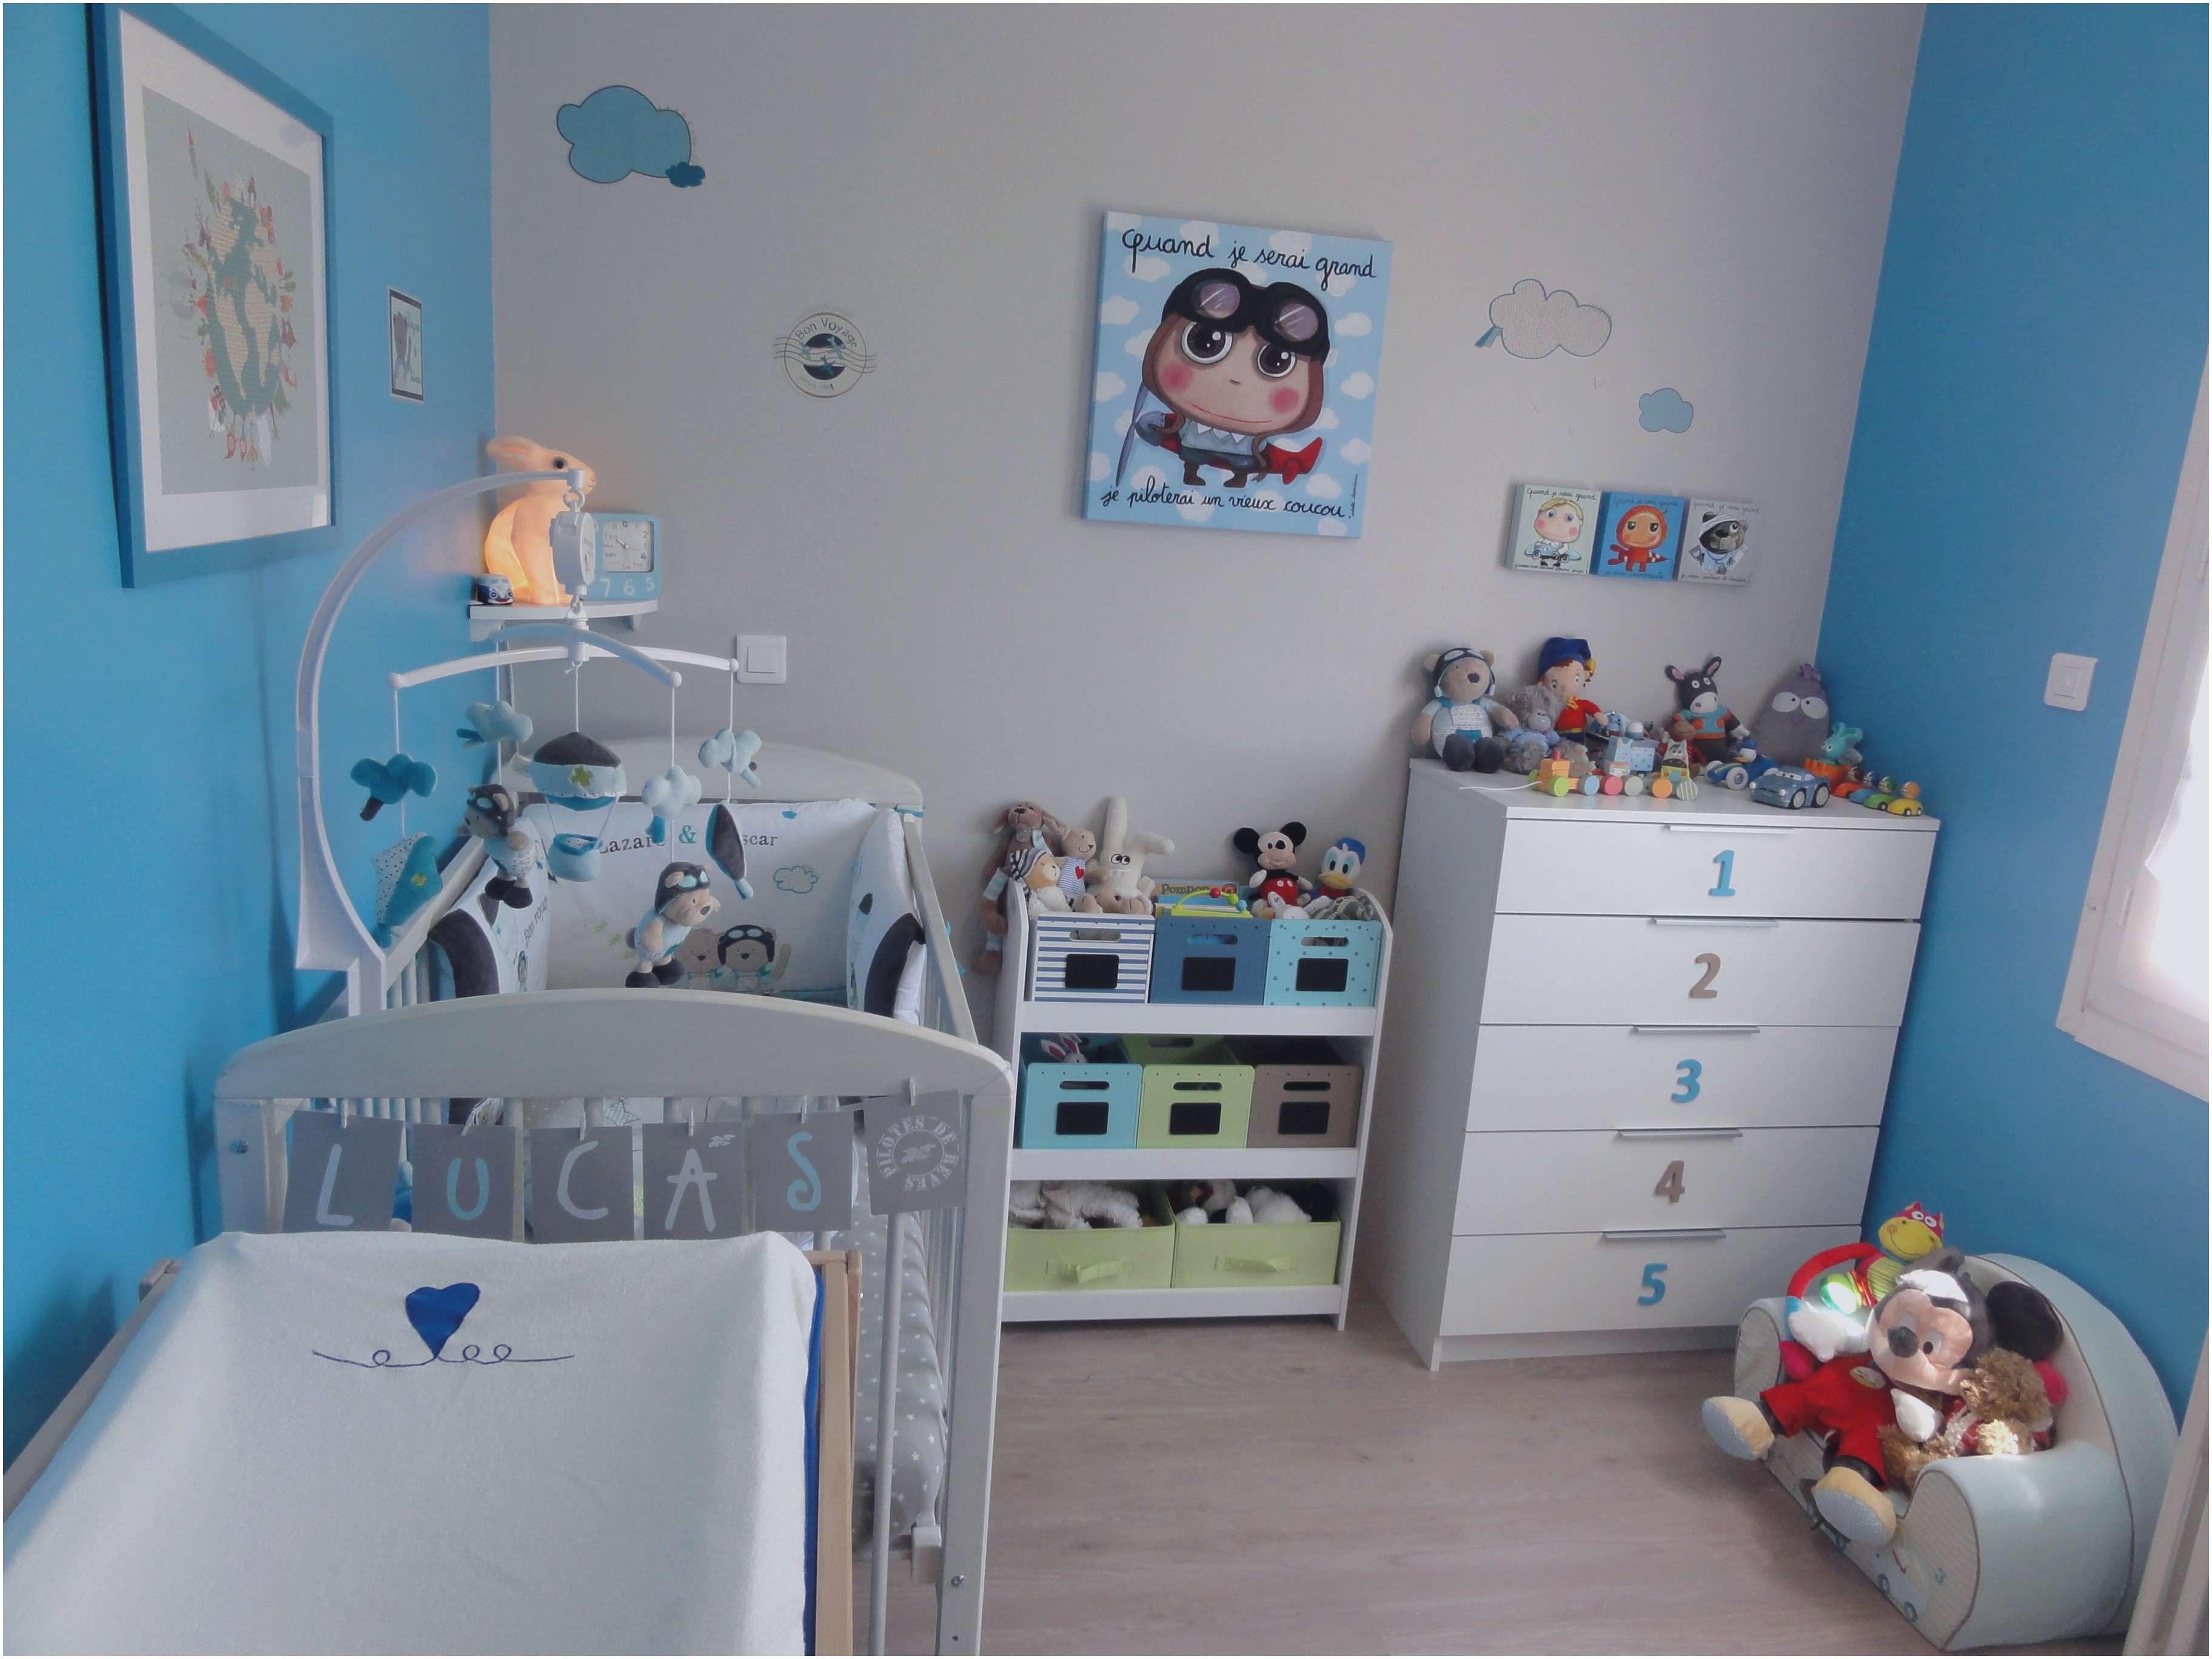 Lit Superposé Bébé Inspiré Luxe Drap Lit Bébé Housse Matelas Bébé Frais Parc B C3 A9b C3 A9